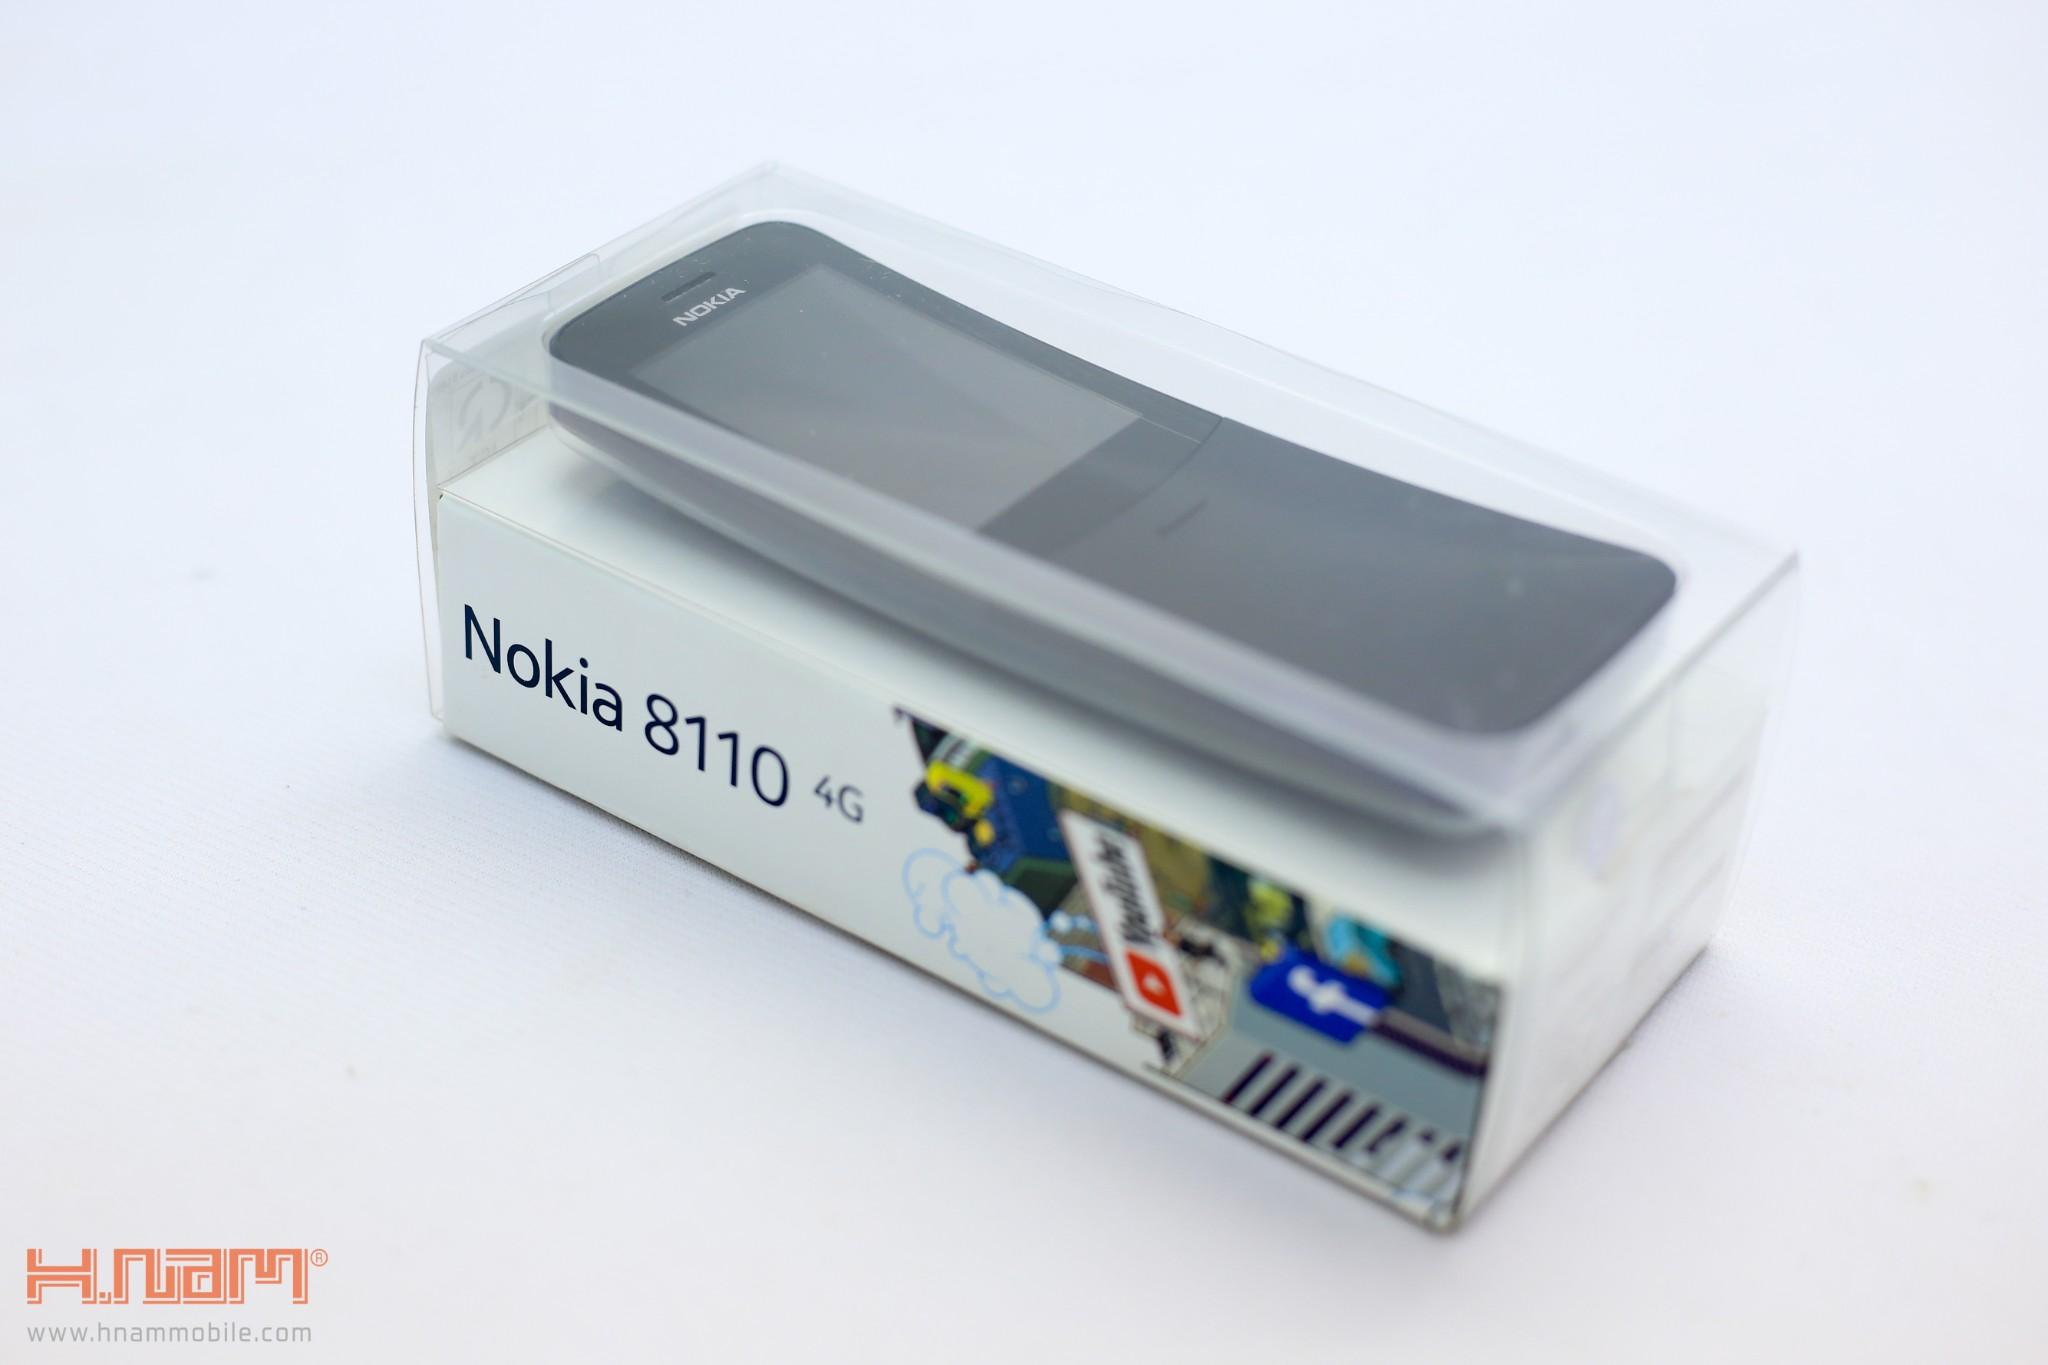 Trên tay Nokia 8110 chuối: Thiết kế siêu cute, phát 4G, giá 1.7 triệu đồng hình 2